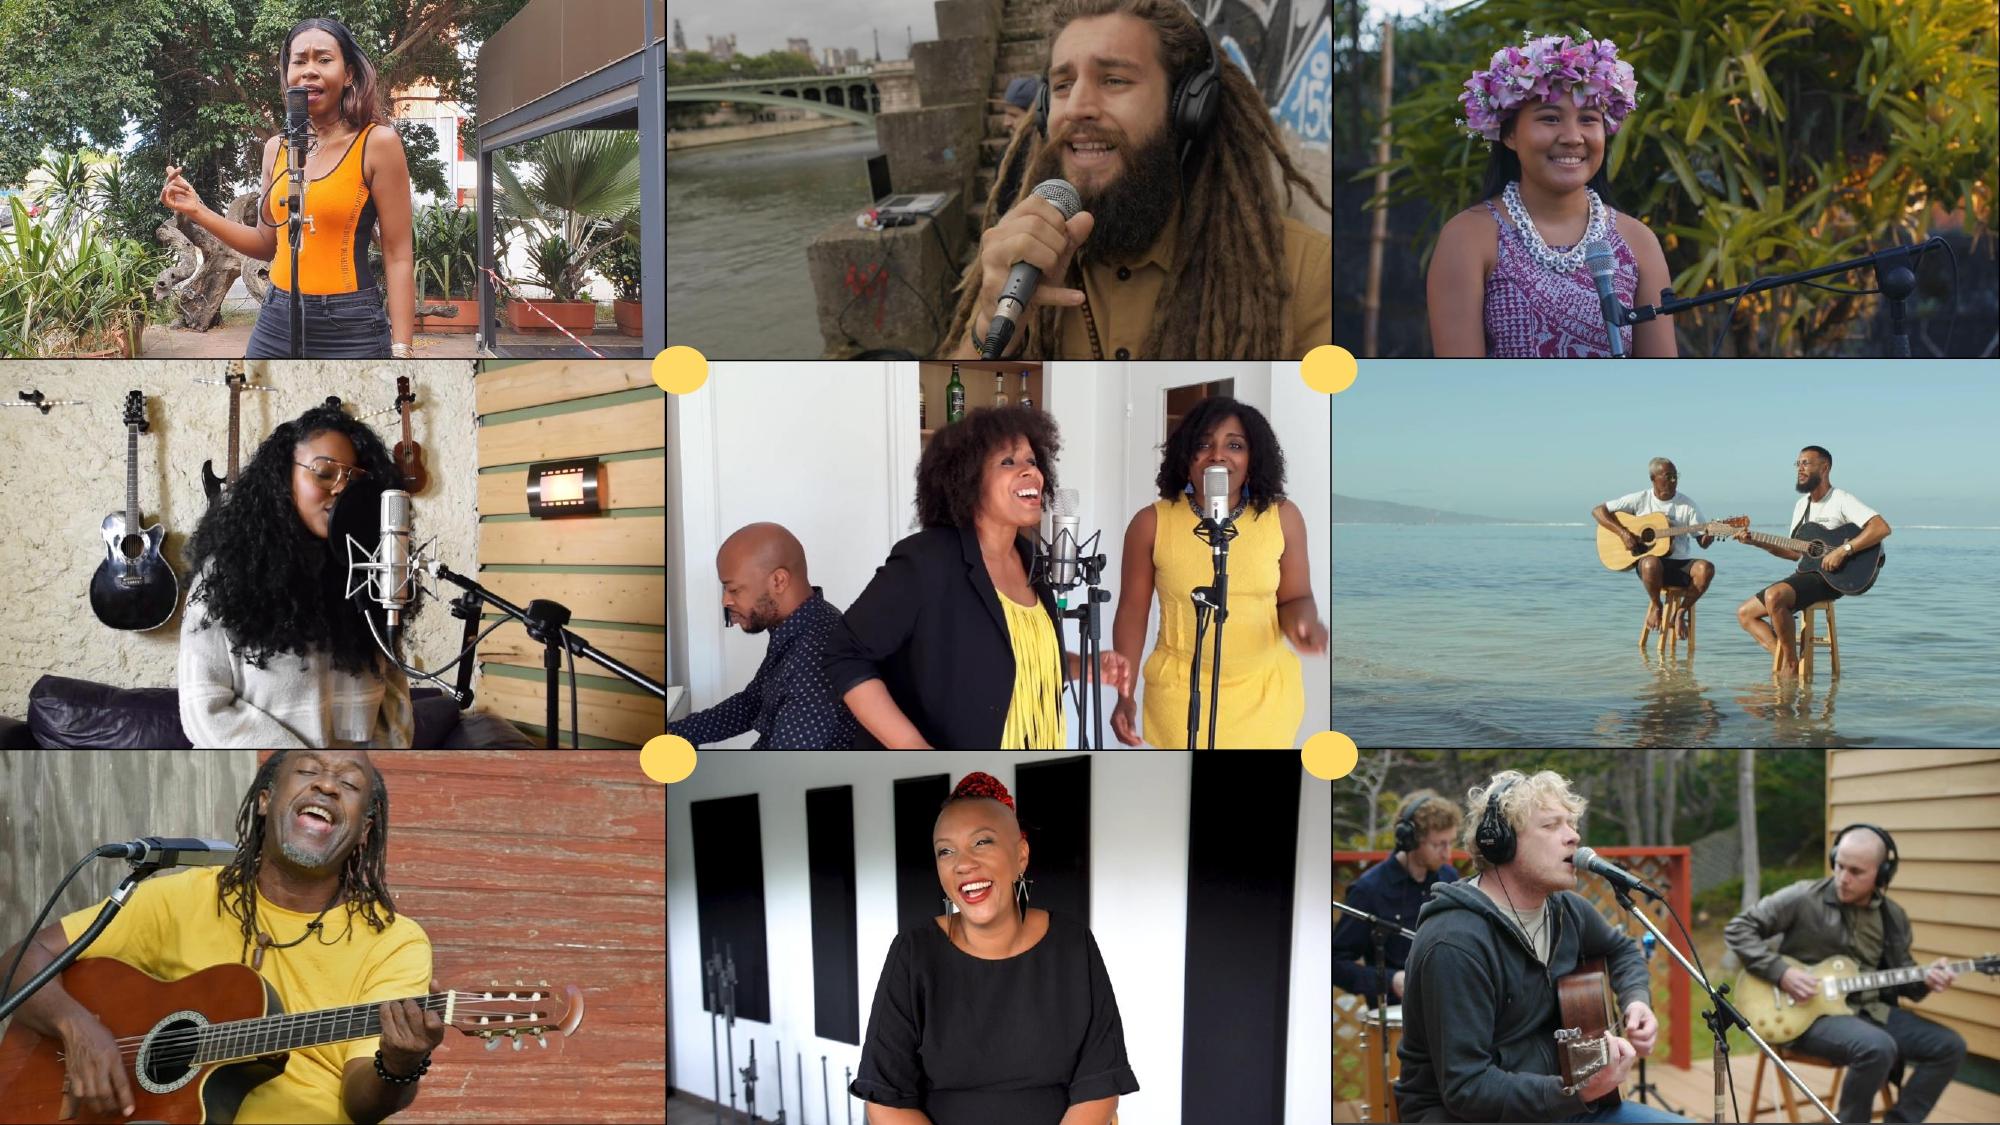 MUSIKADIS: La fête de la musique connectée du Pôle Outre-Mer de France Télévisions